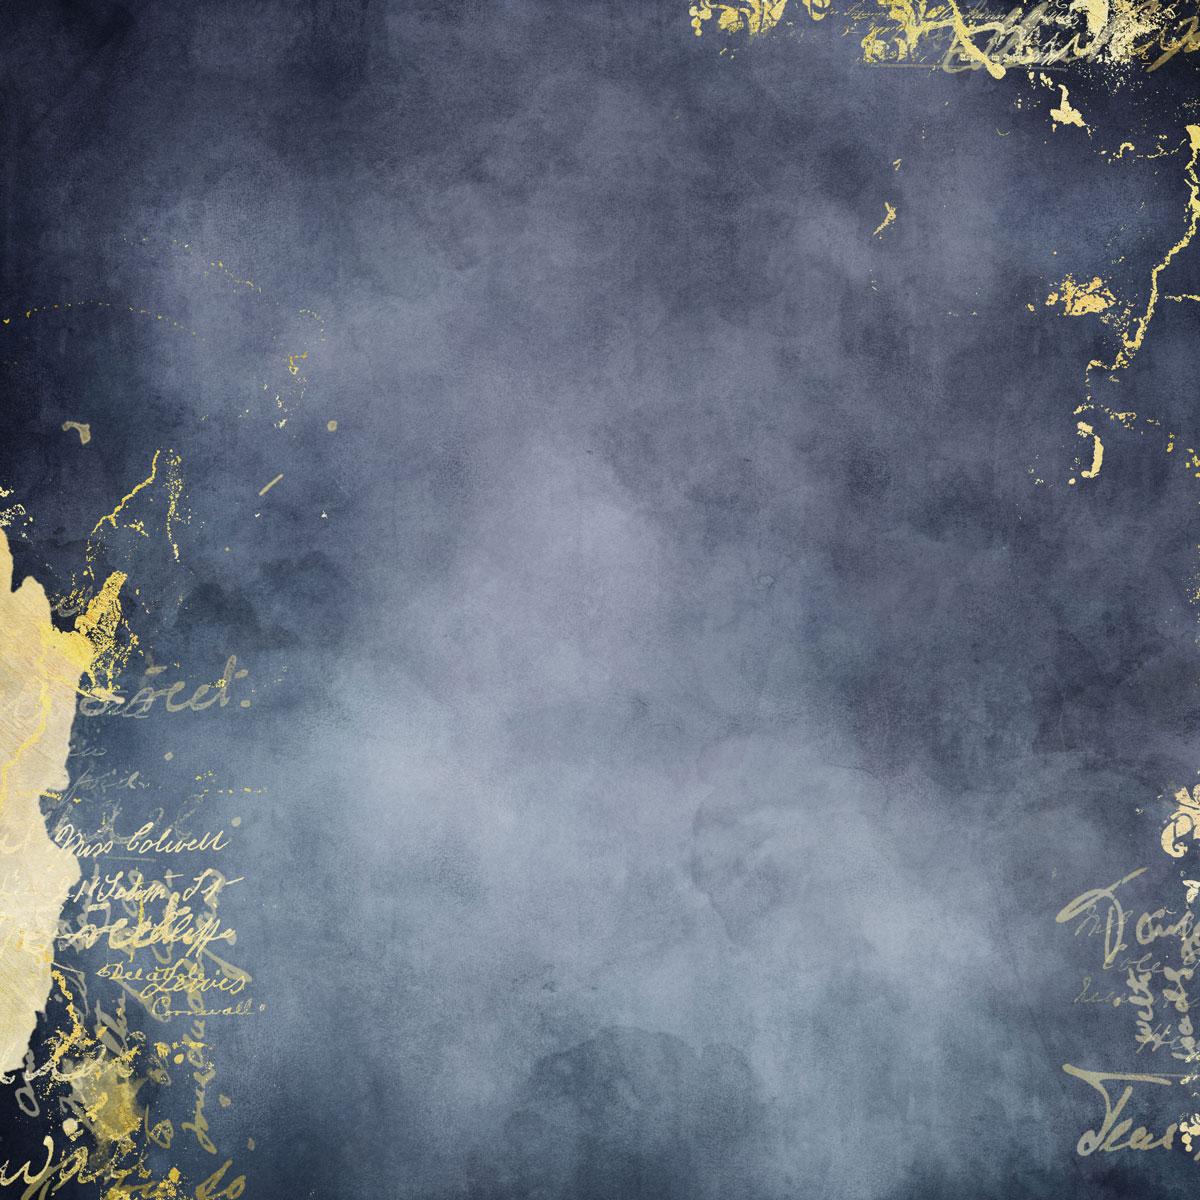 12张高清水彩金色质感艺术海报设计纸张背景纹理图片素材 Watercolor Texture Papers插图(5)